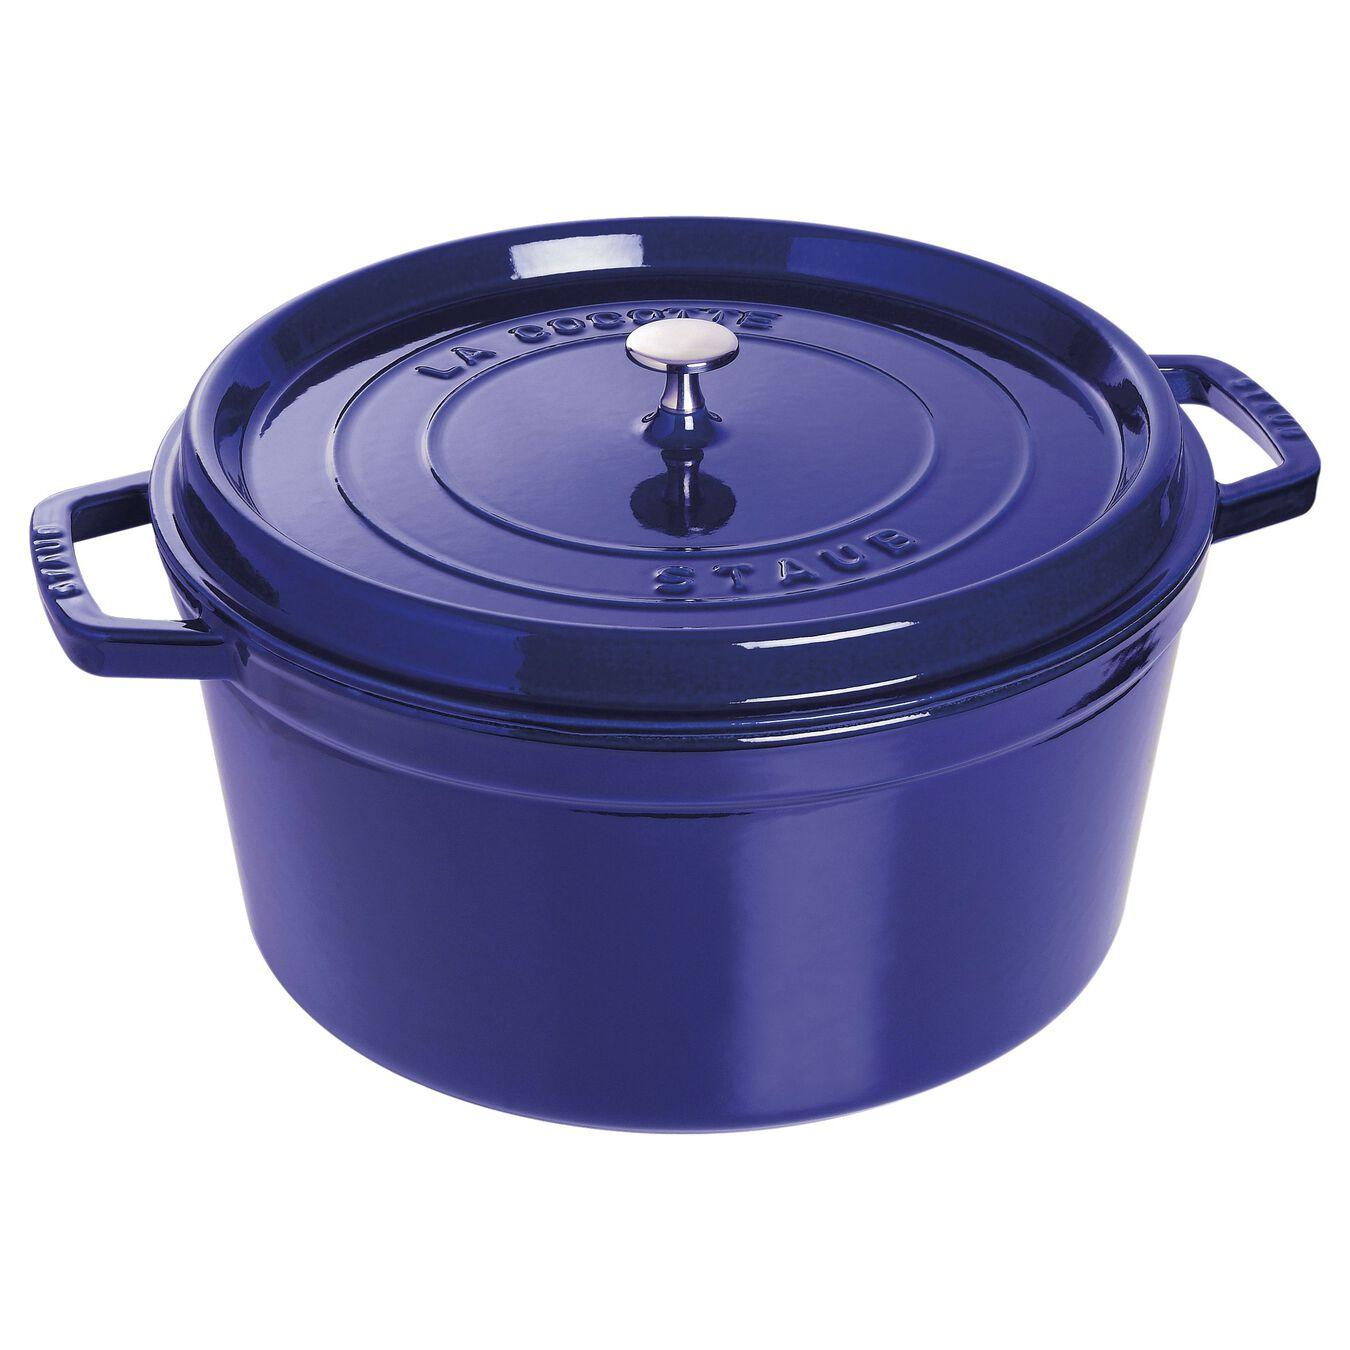 Caçarola 30 cm, redondo, azul marinho, Ferro fundido,,large 1